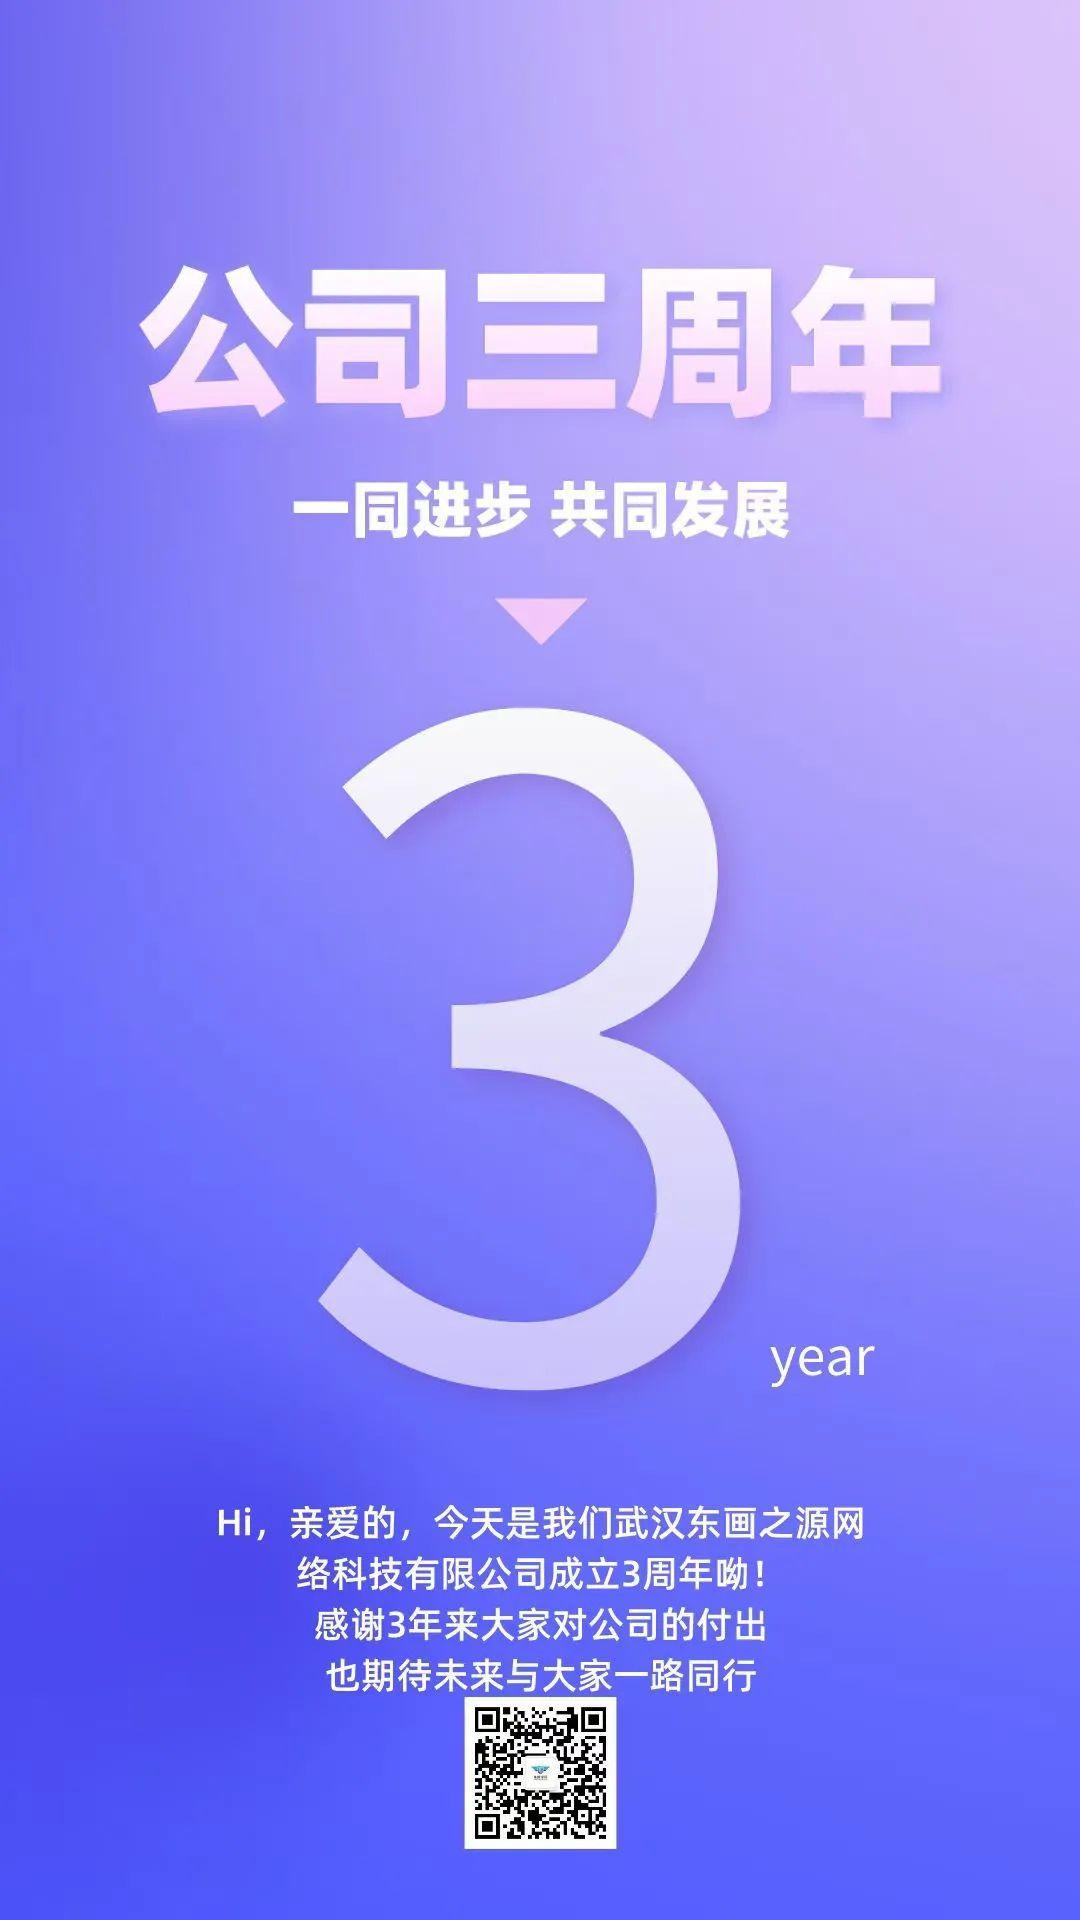 文末福利| 东画学院乘风破浪3周年,感恩你我同行!